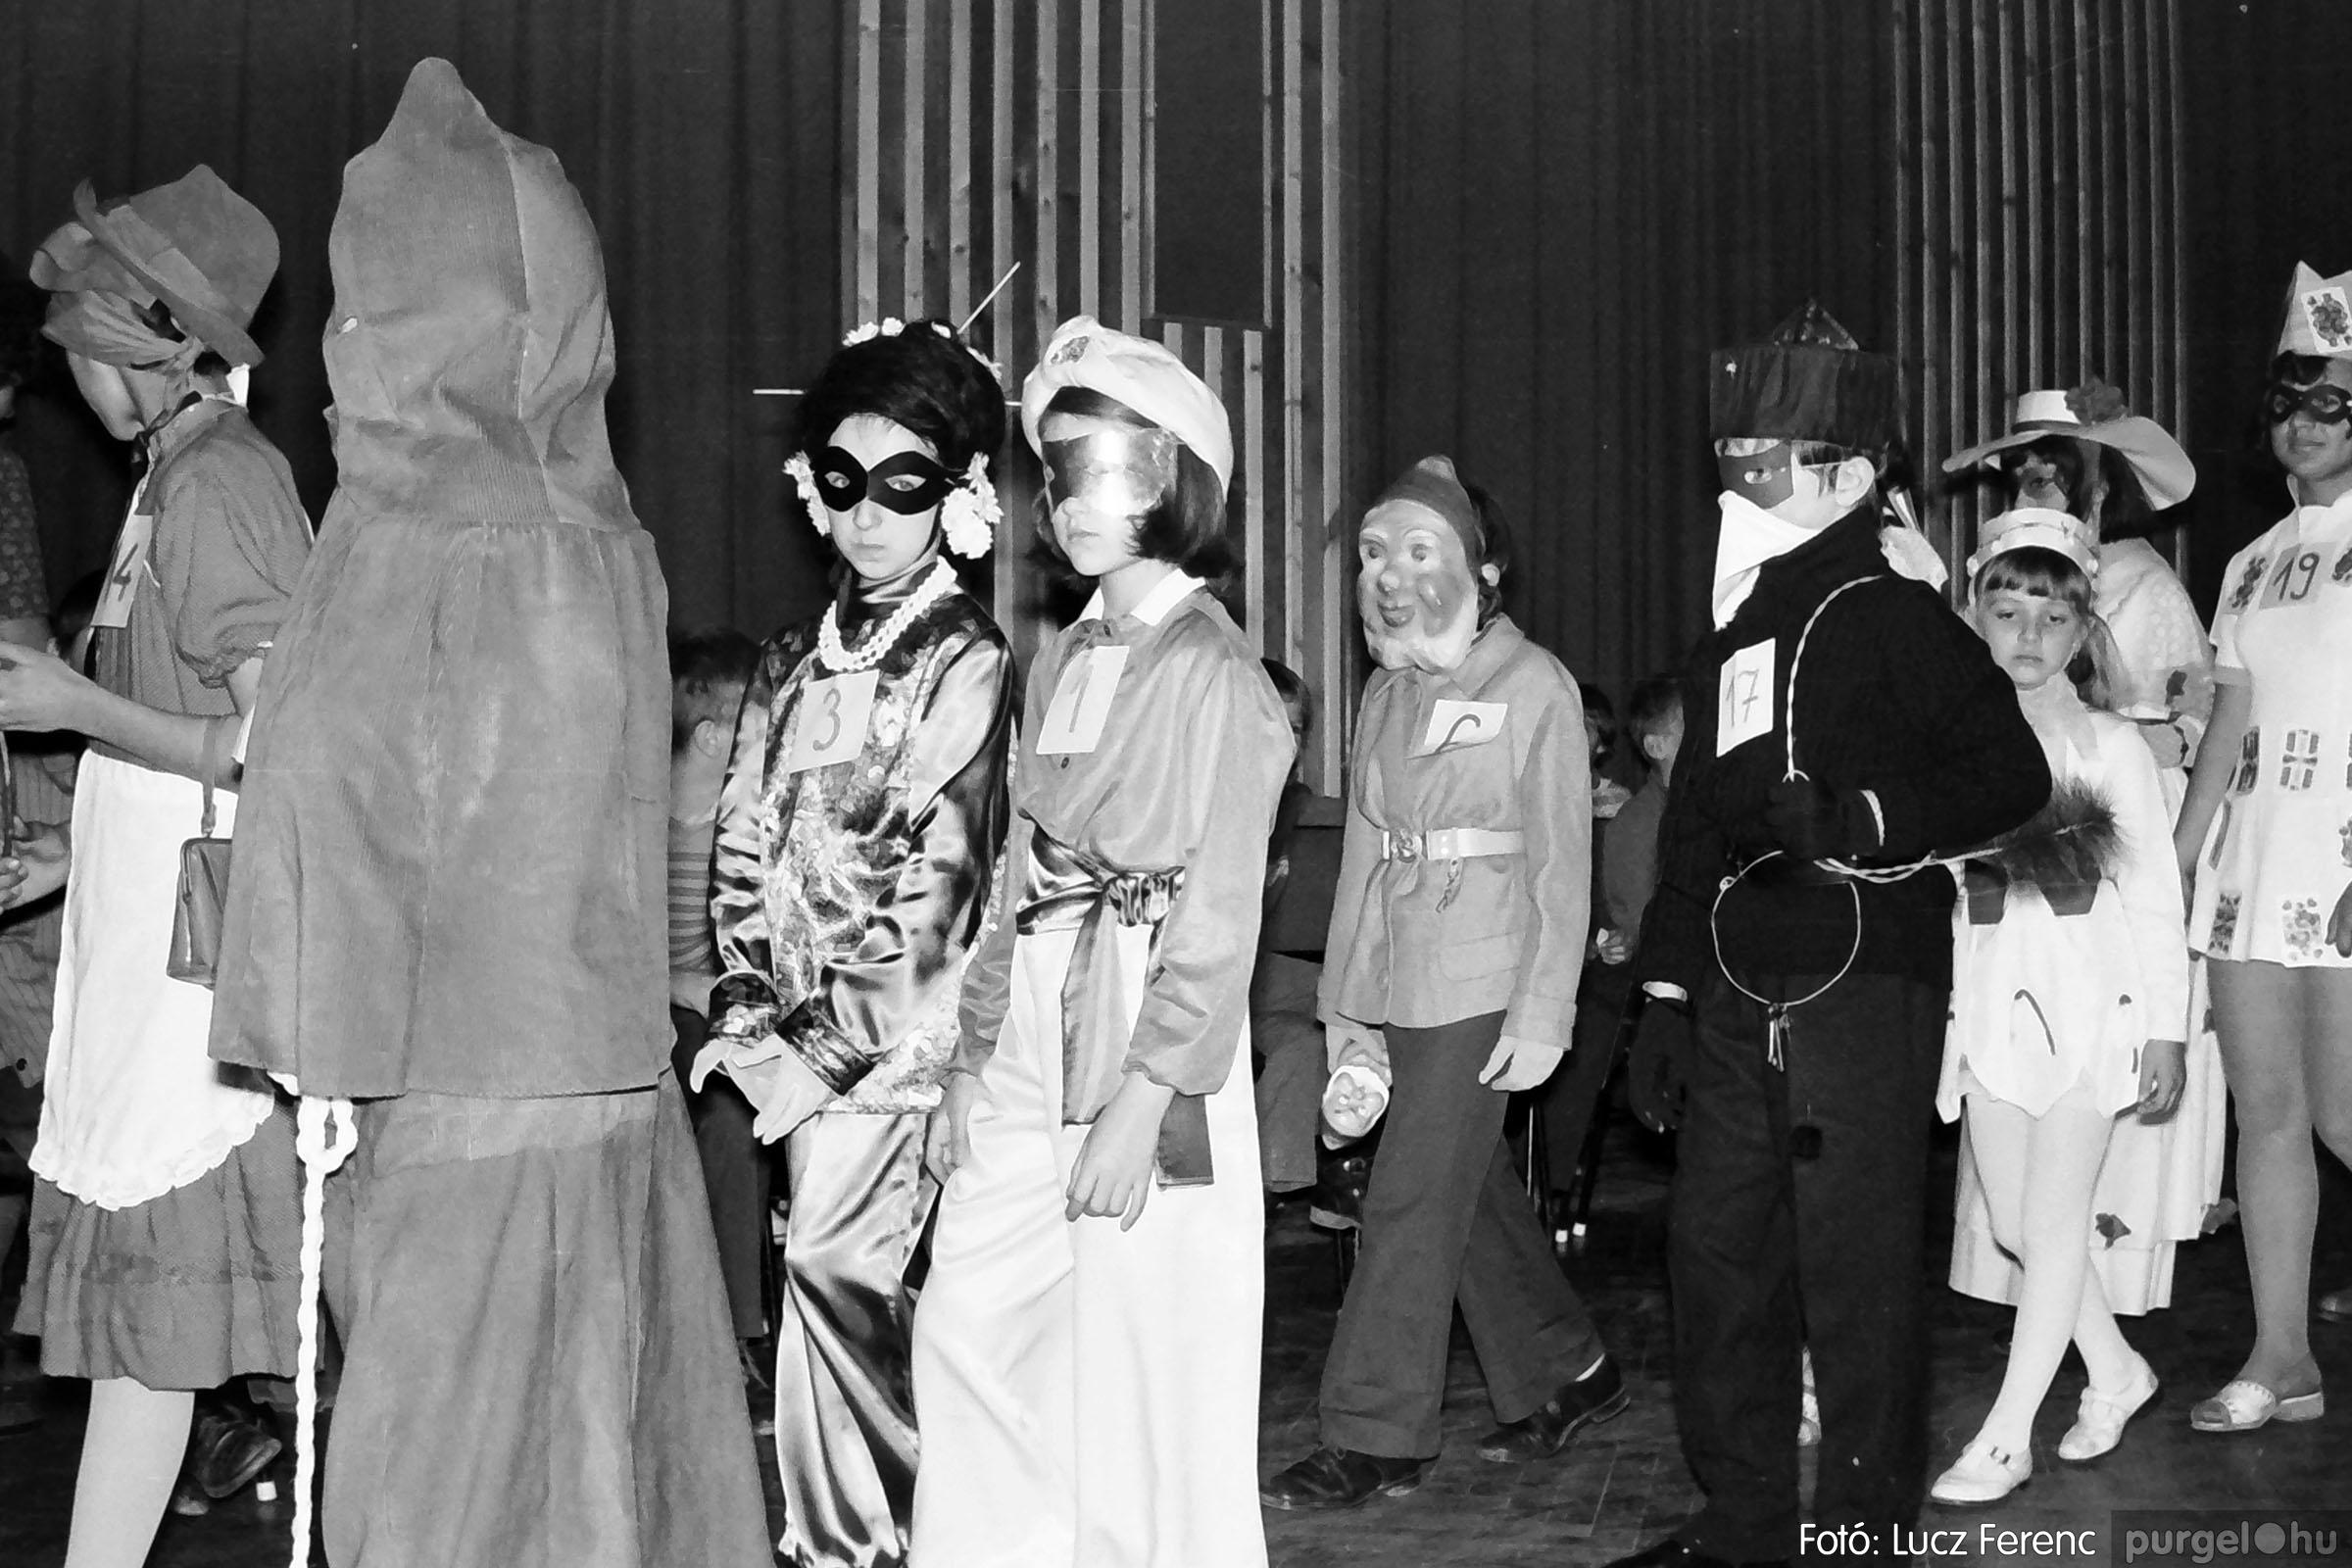 035. 1976. Iskolai farsang a kultúrházban 012 - Fotó: Lucz Ferenc.jpg